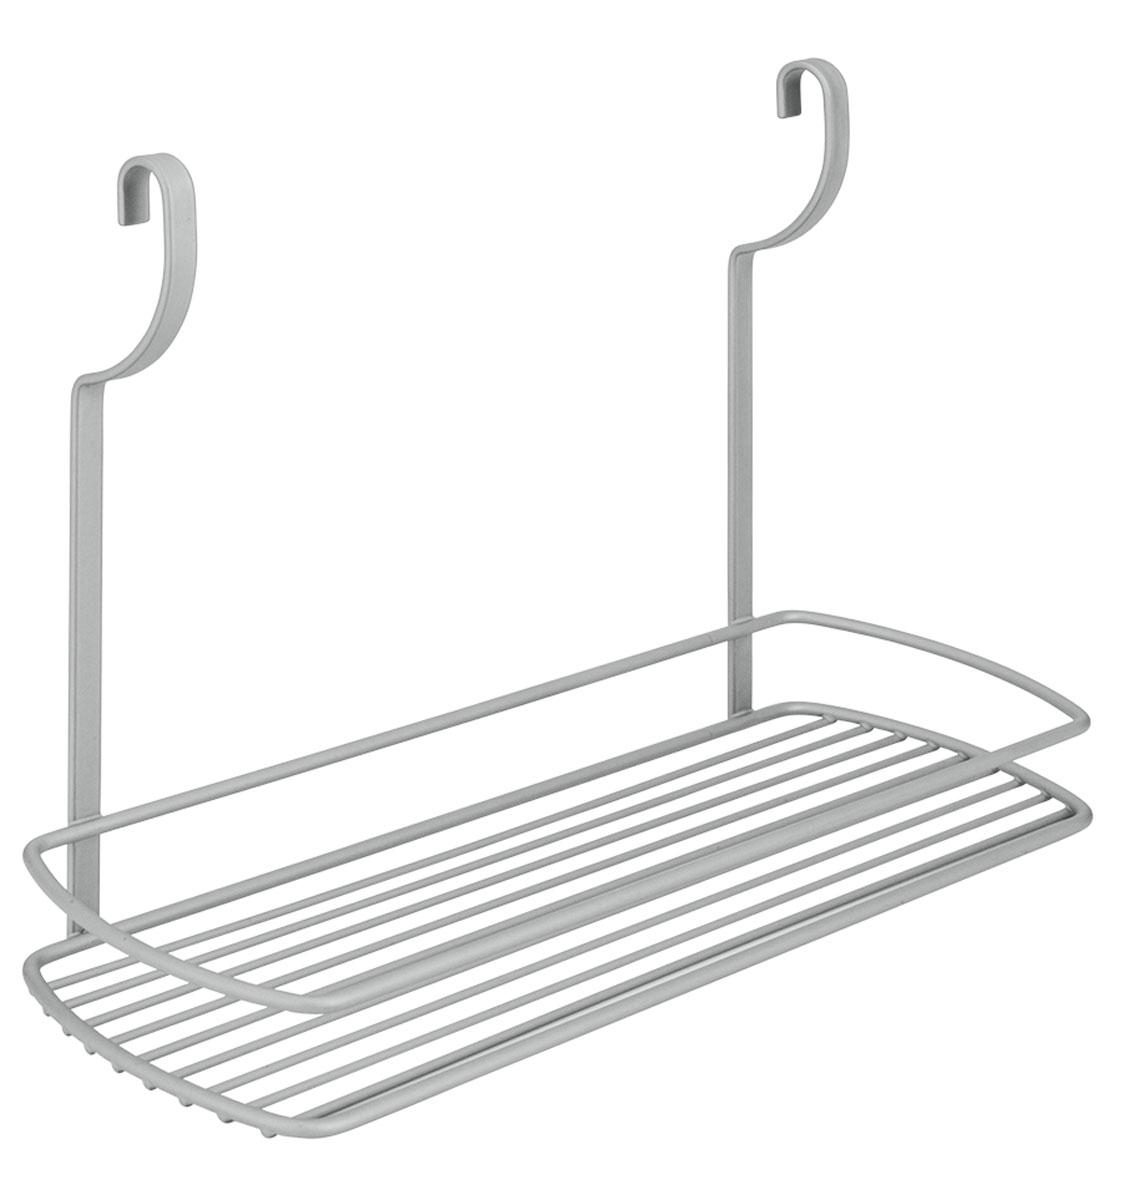 Полка навесная Metaltex City, 35 х 13 х 26 см35.07.10Навесная полка Metaltex City изготовлена из стали и покрыта новым полимерным покрытием Frost Polytherm. Такая полка не только экономит место на вашей кухне, но и обеспечивает наглядность, порядок и удобный доступ к кухонным принадлежностям.Современный дизайн делает ее практичным и стильным домашним аксессуаром. Она пригодится для хранения различных кухонных или других принадлежностей, которые всегда будут под рукой.Полка устанавливается на рейлинг с помощь двух крючков.